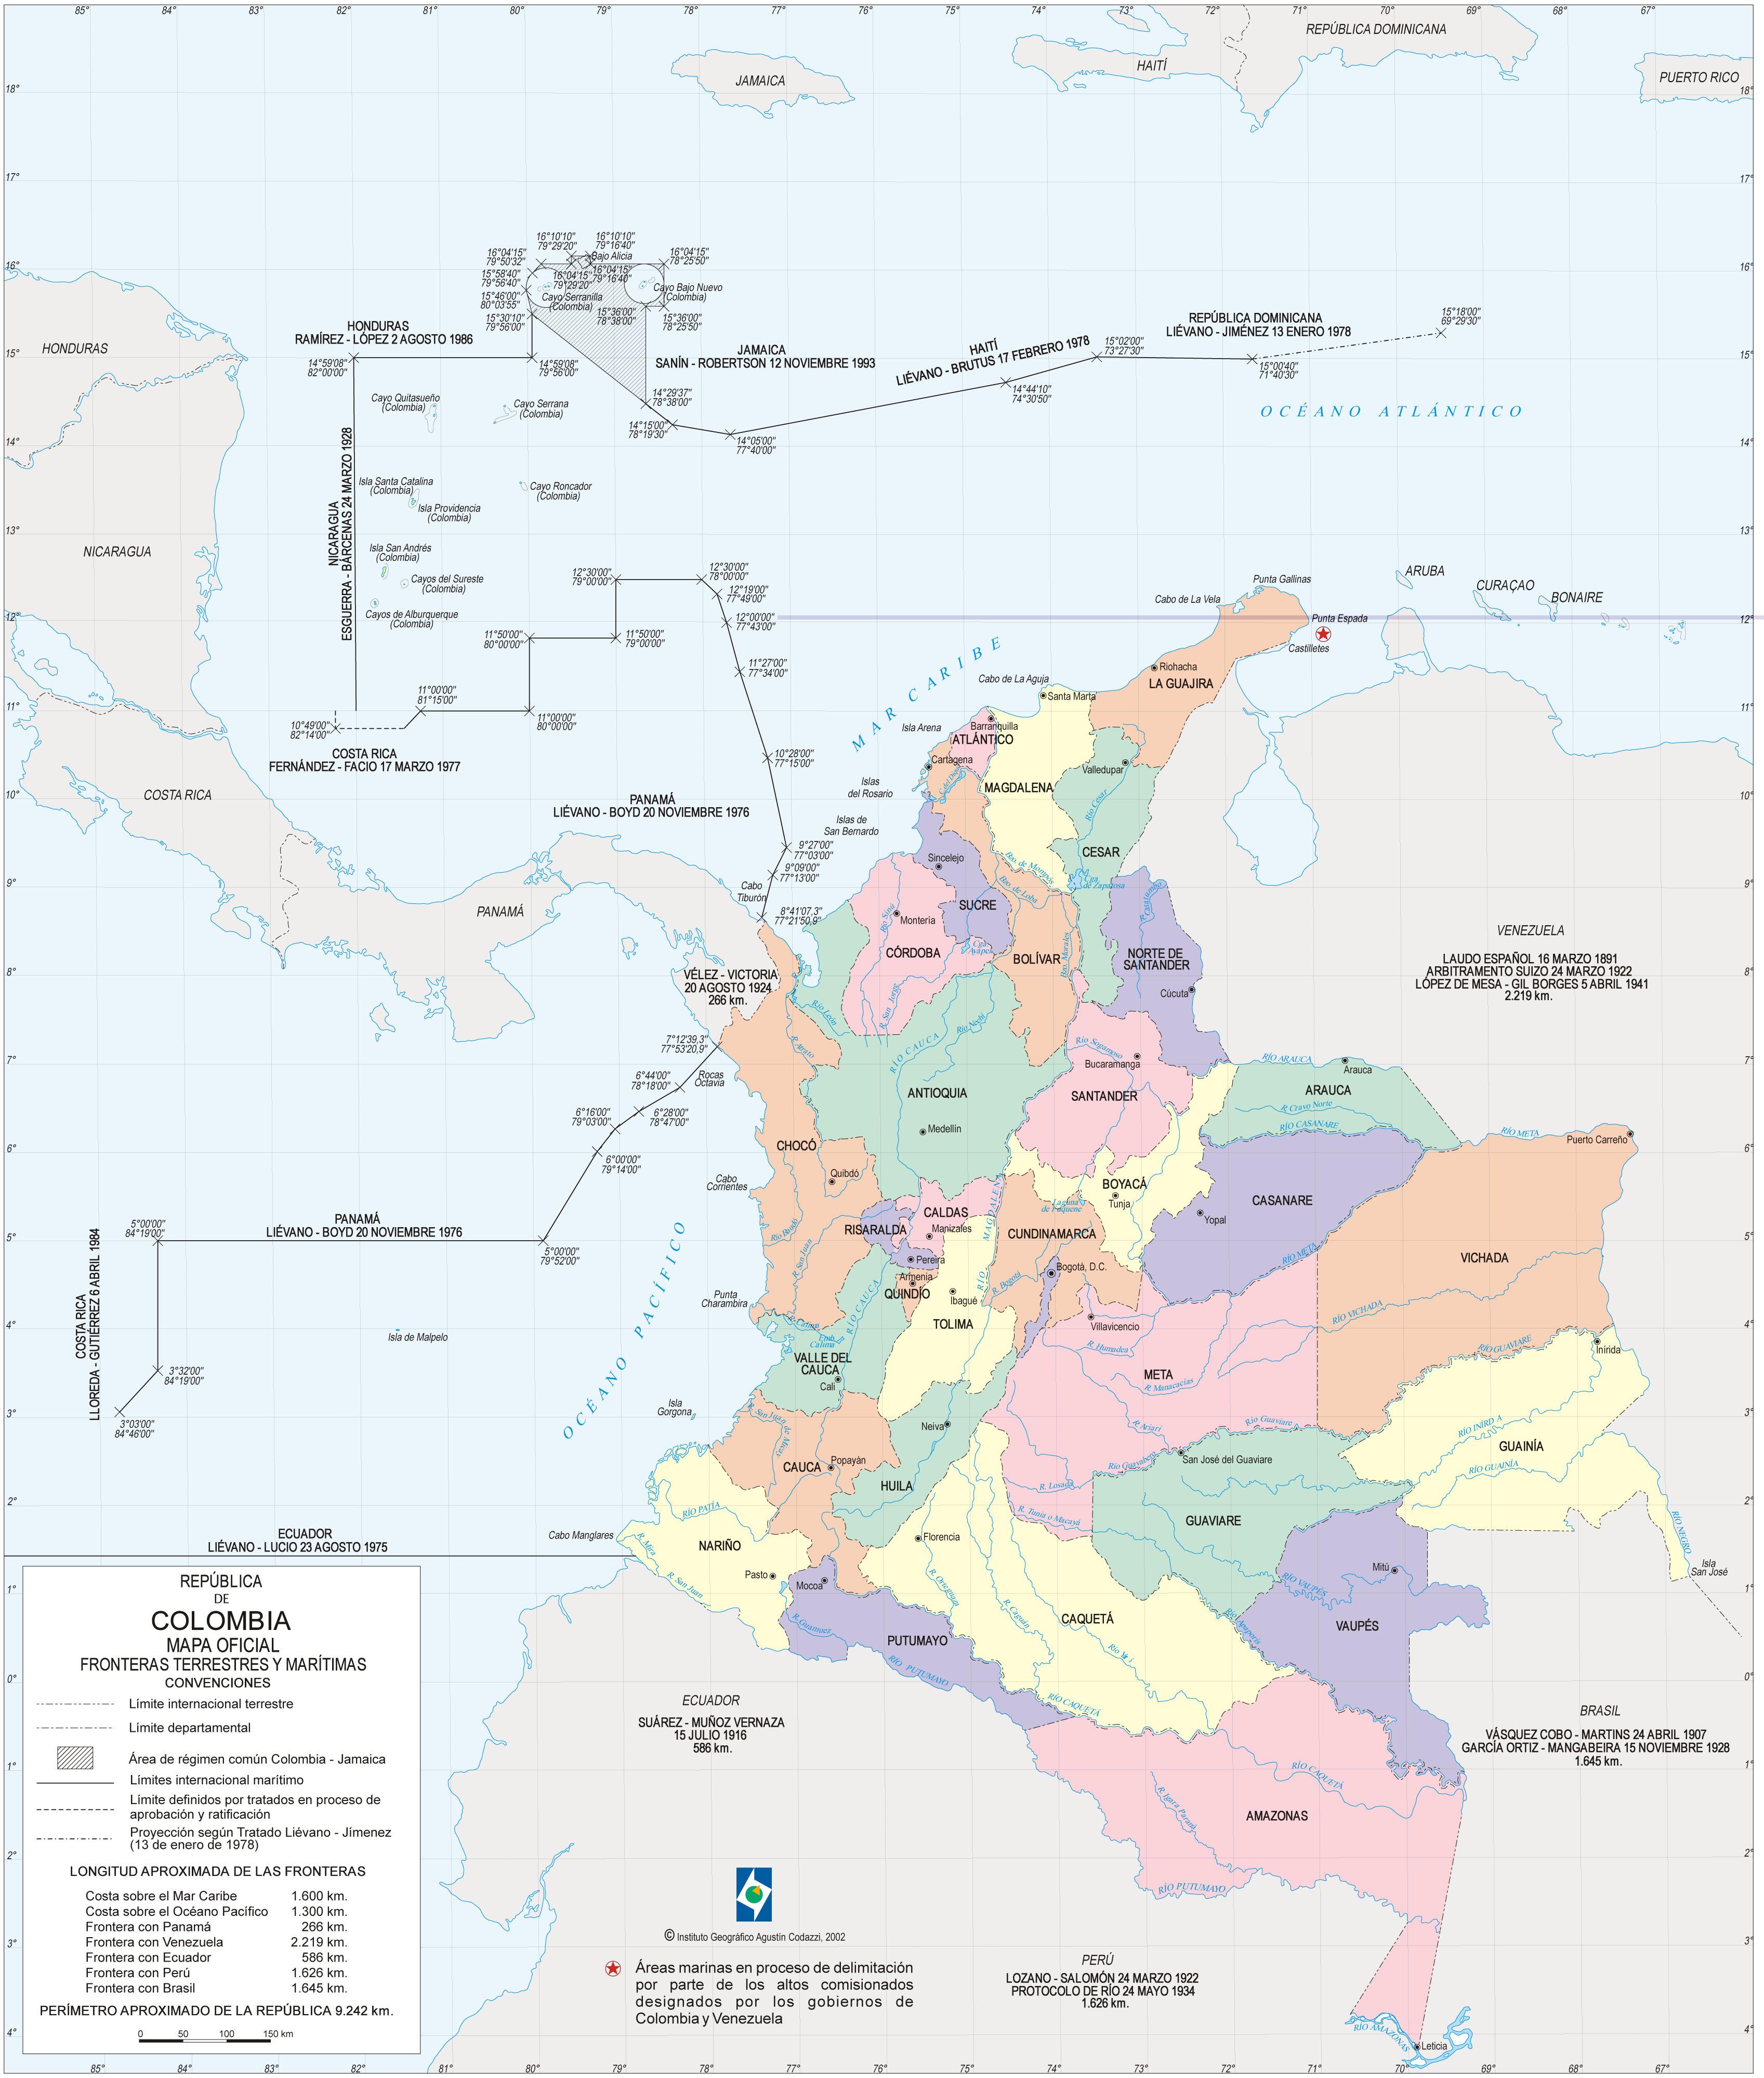 Mapa de Boyaca Colombia Mapa de Colombia 2002